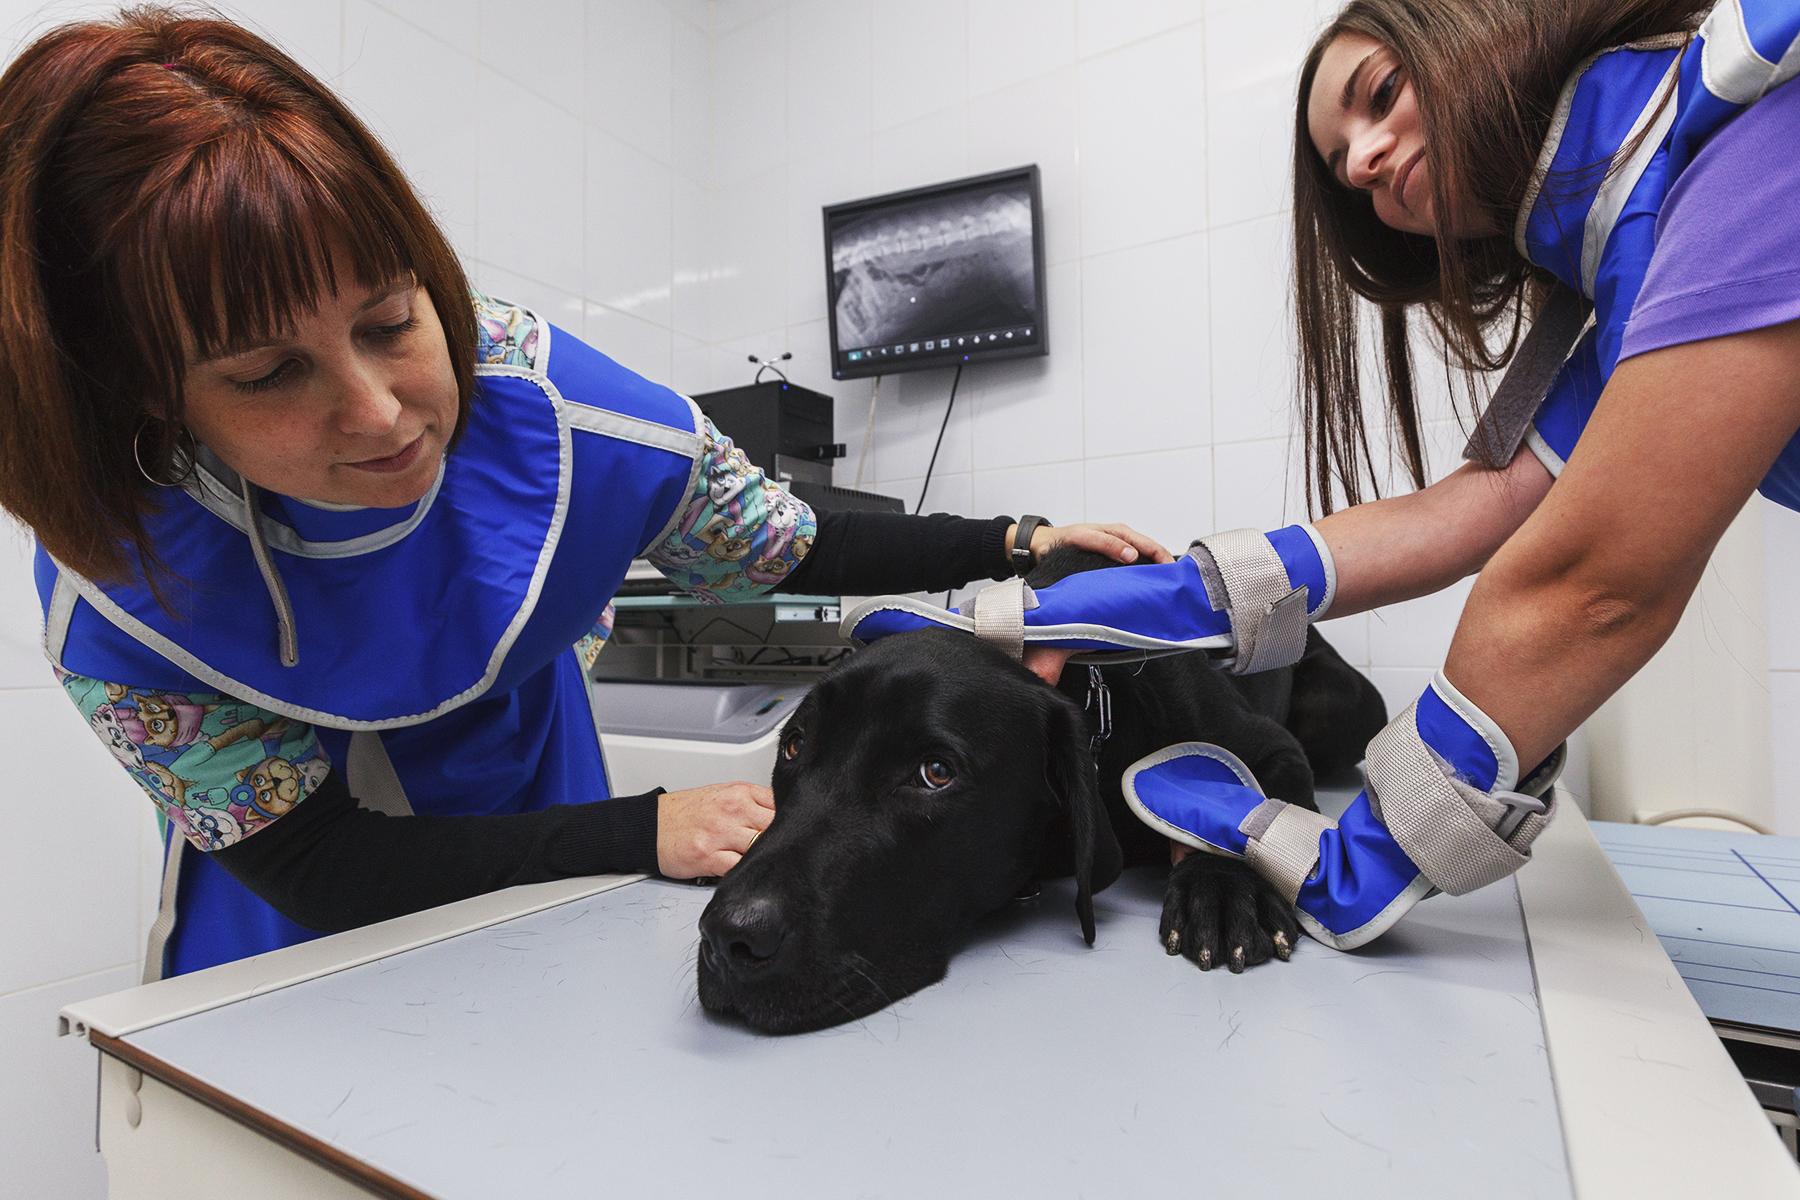 radiografía veterinaria diagnóstico por imagen